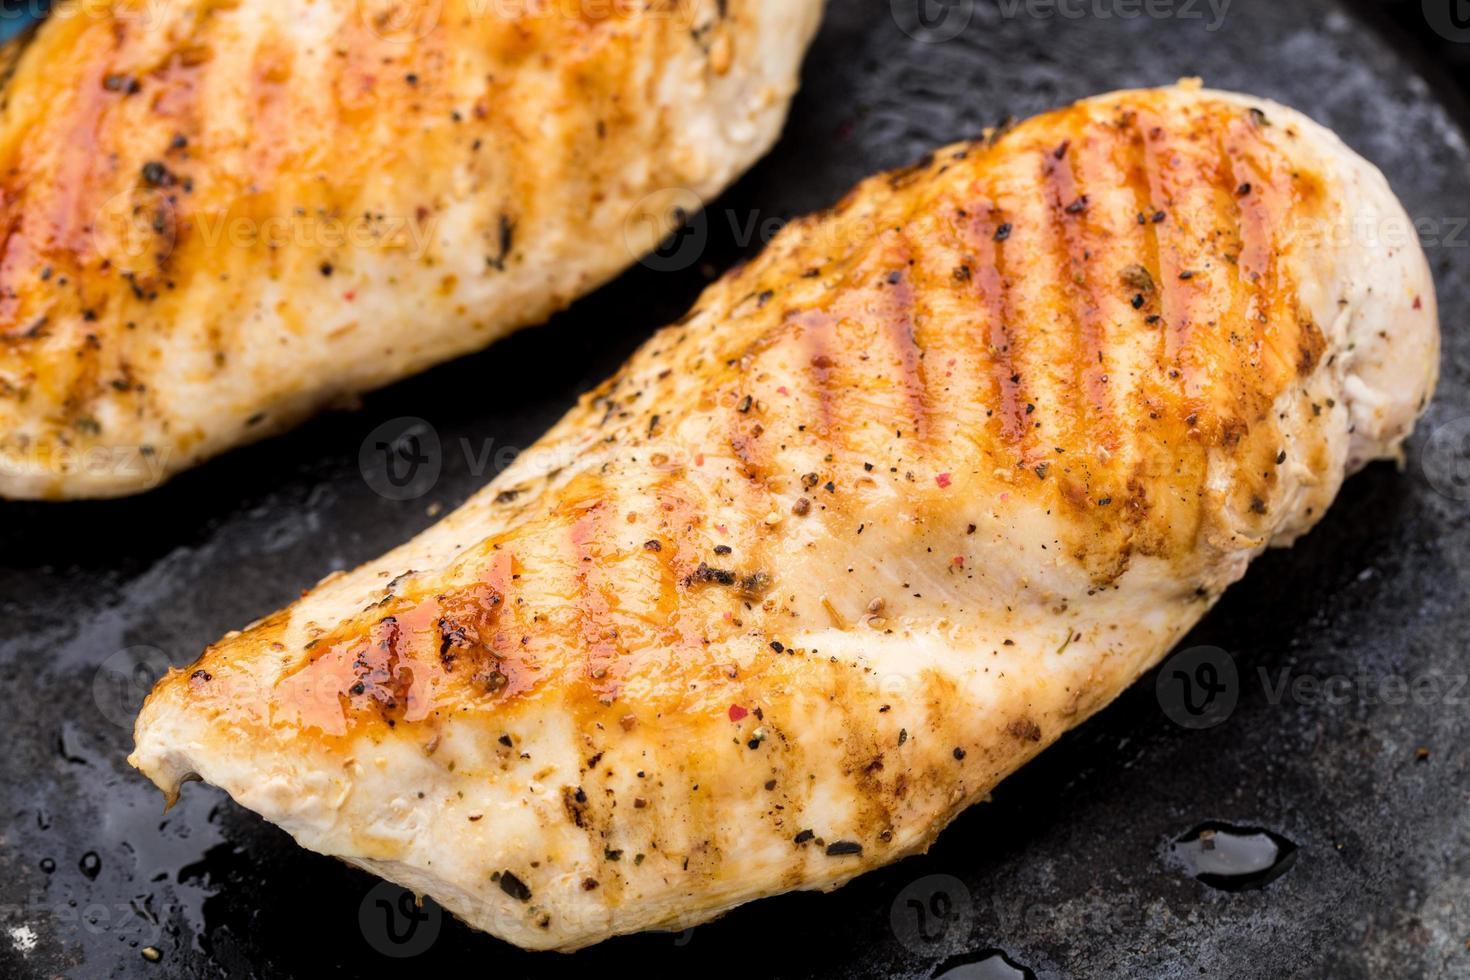 grillade kycklingbröst foto